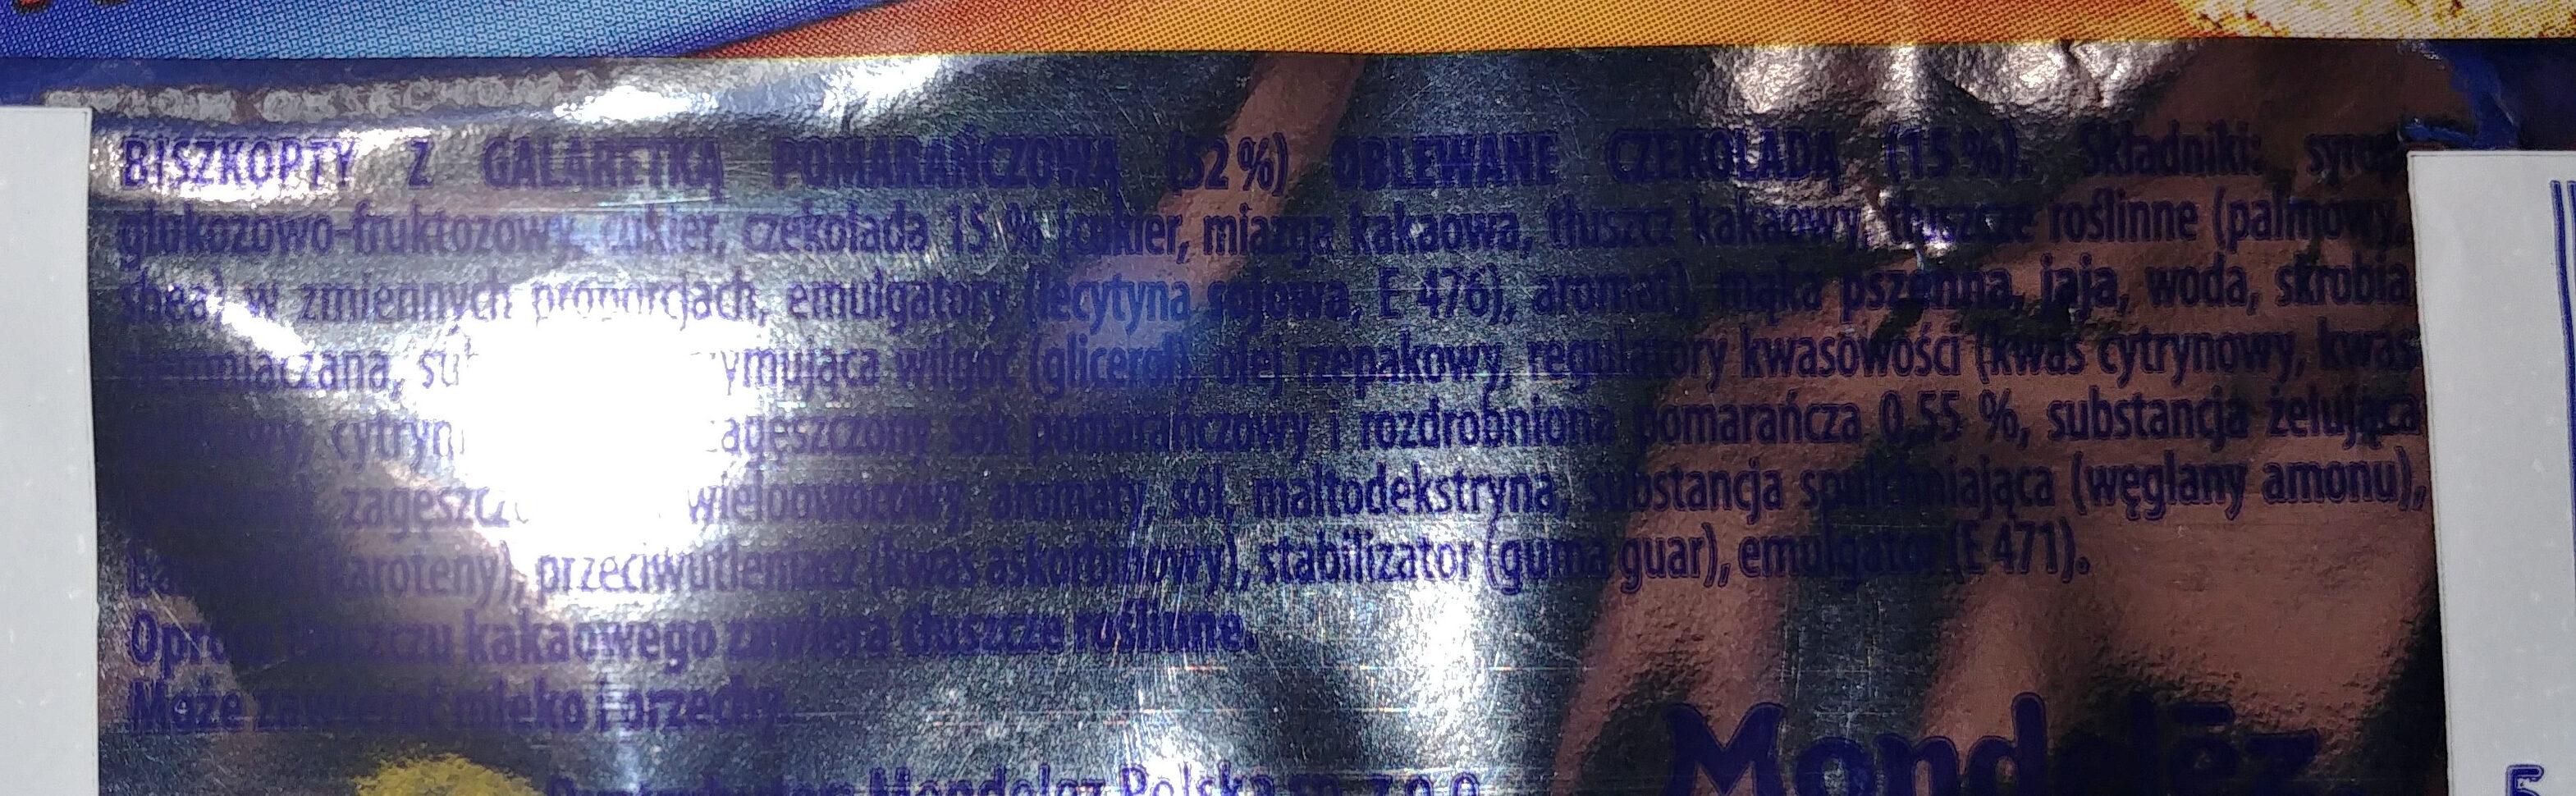 Delicje Szampańskie pomarańczowe - Składniki